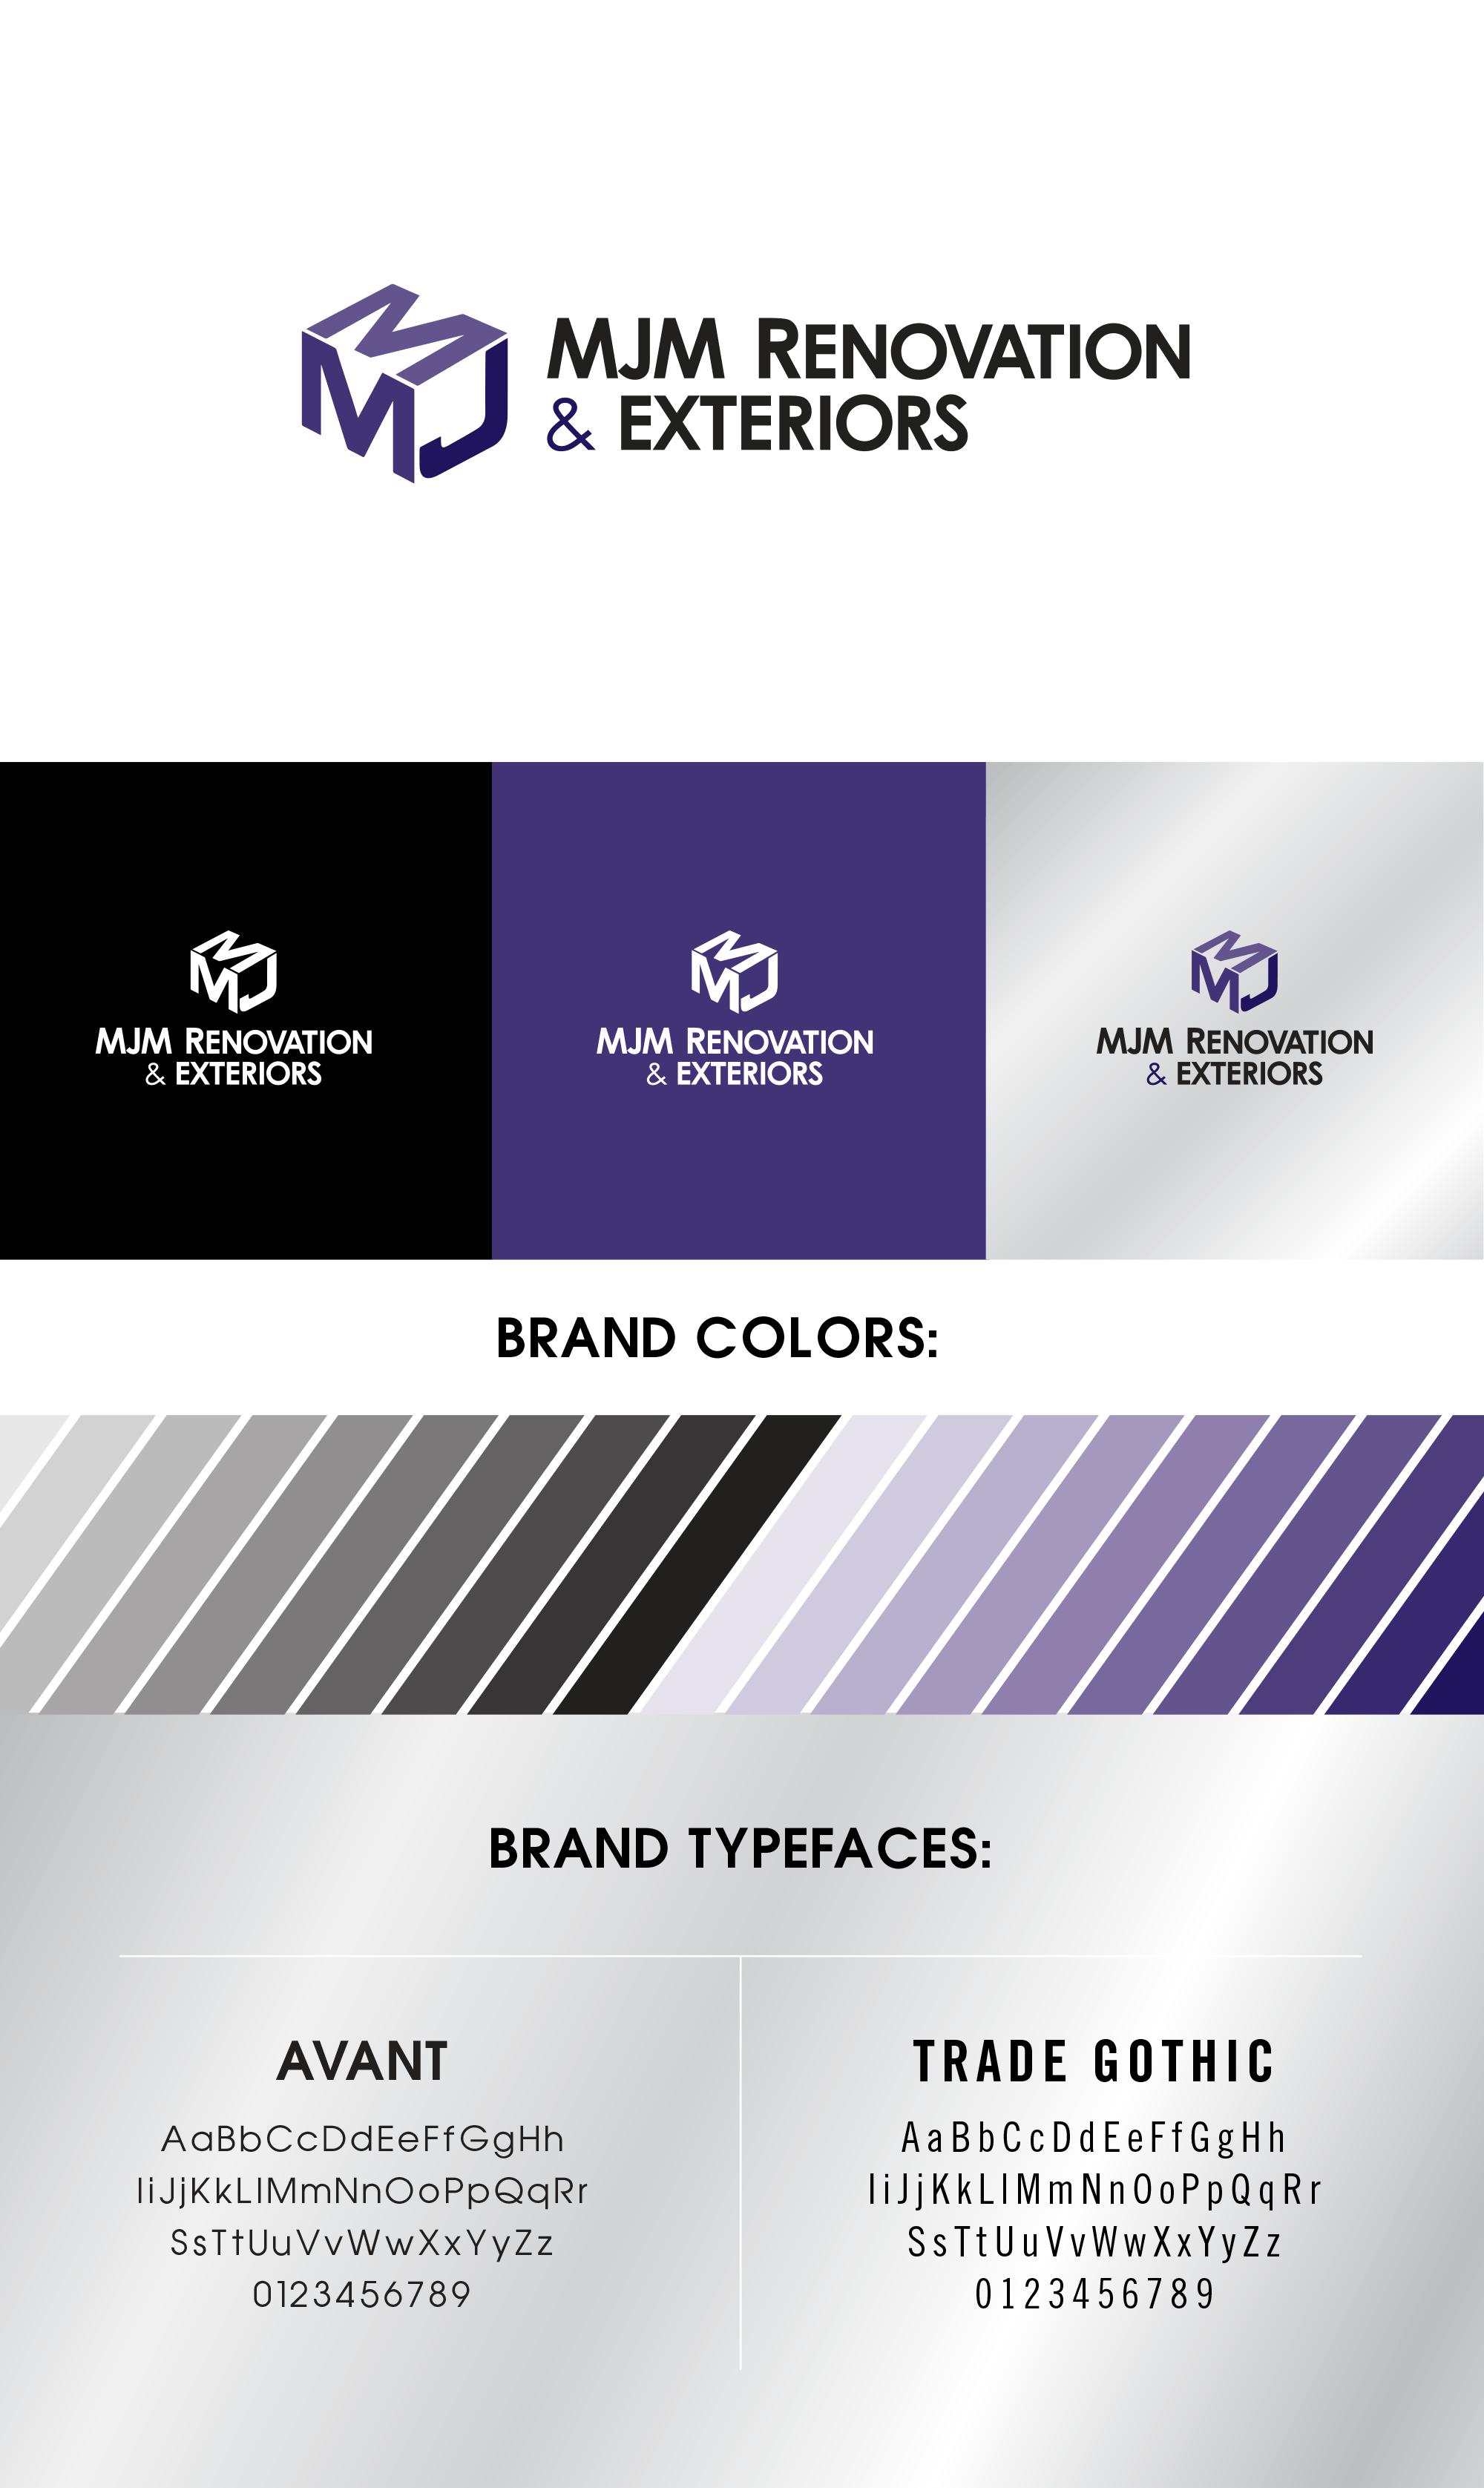 MJM brand assets